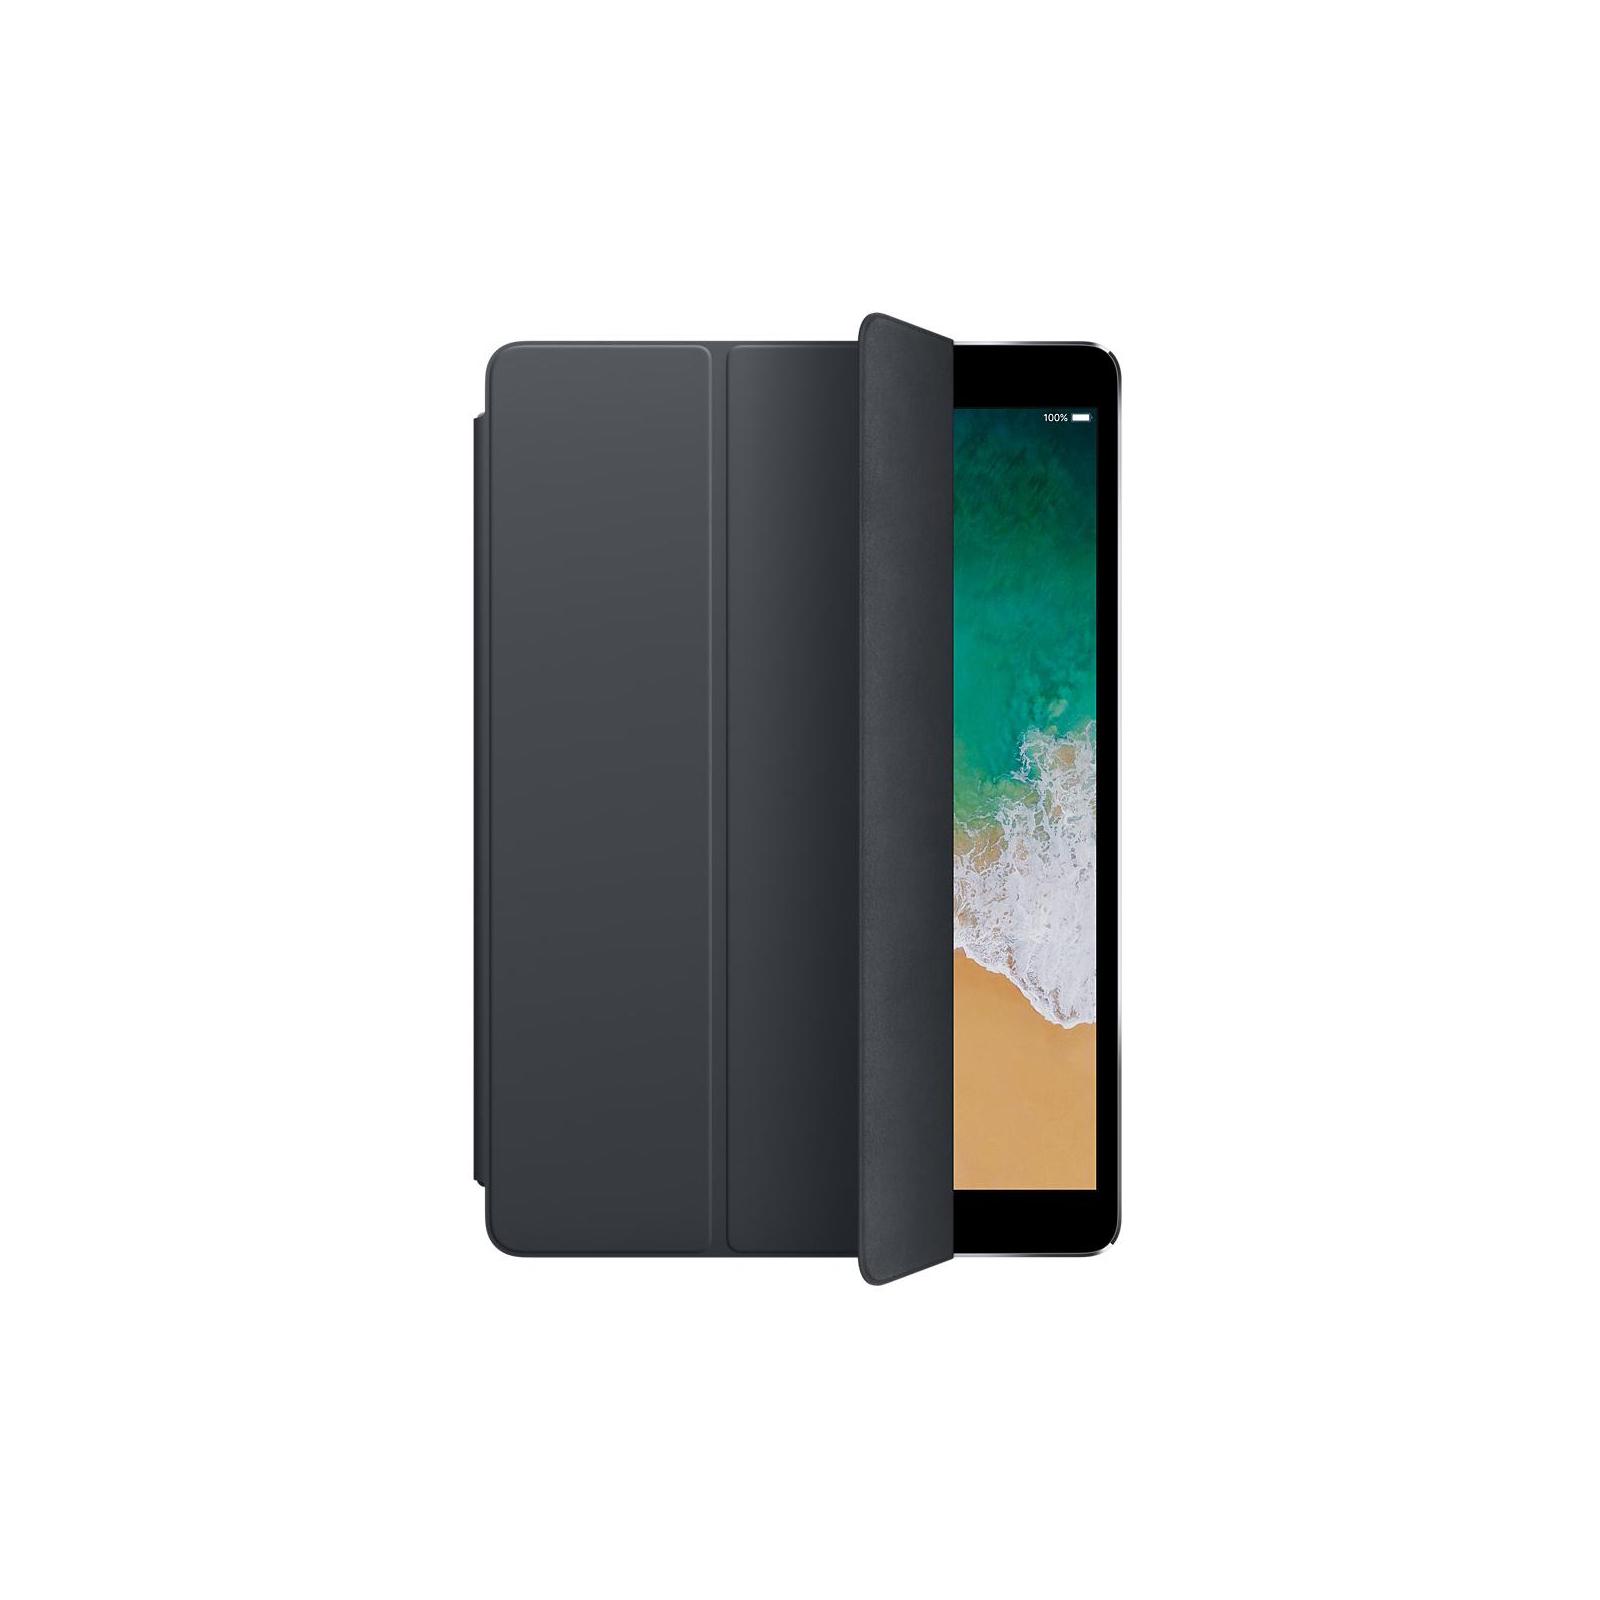 Чехол для планшета Apple Smart Cover for 10.5‑inch iPad Pro - Charcoal Gray (MQ082ZM/A) изображение 3